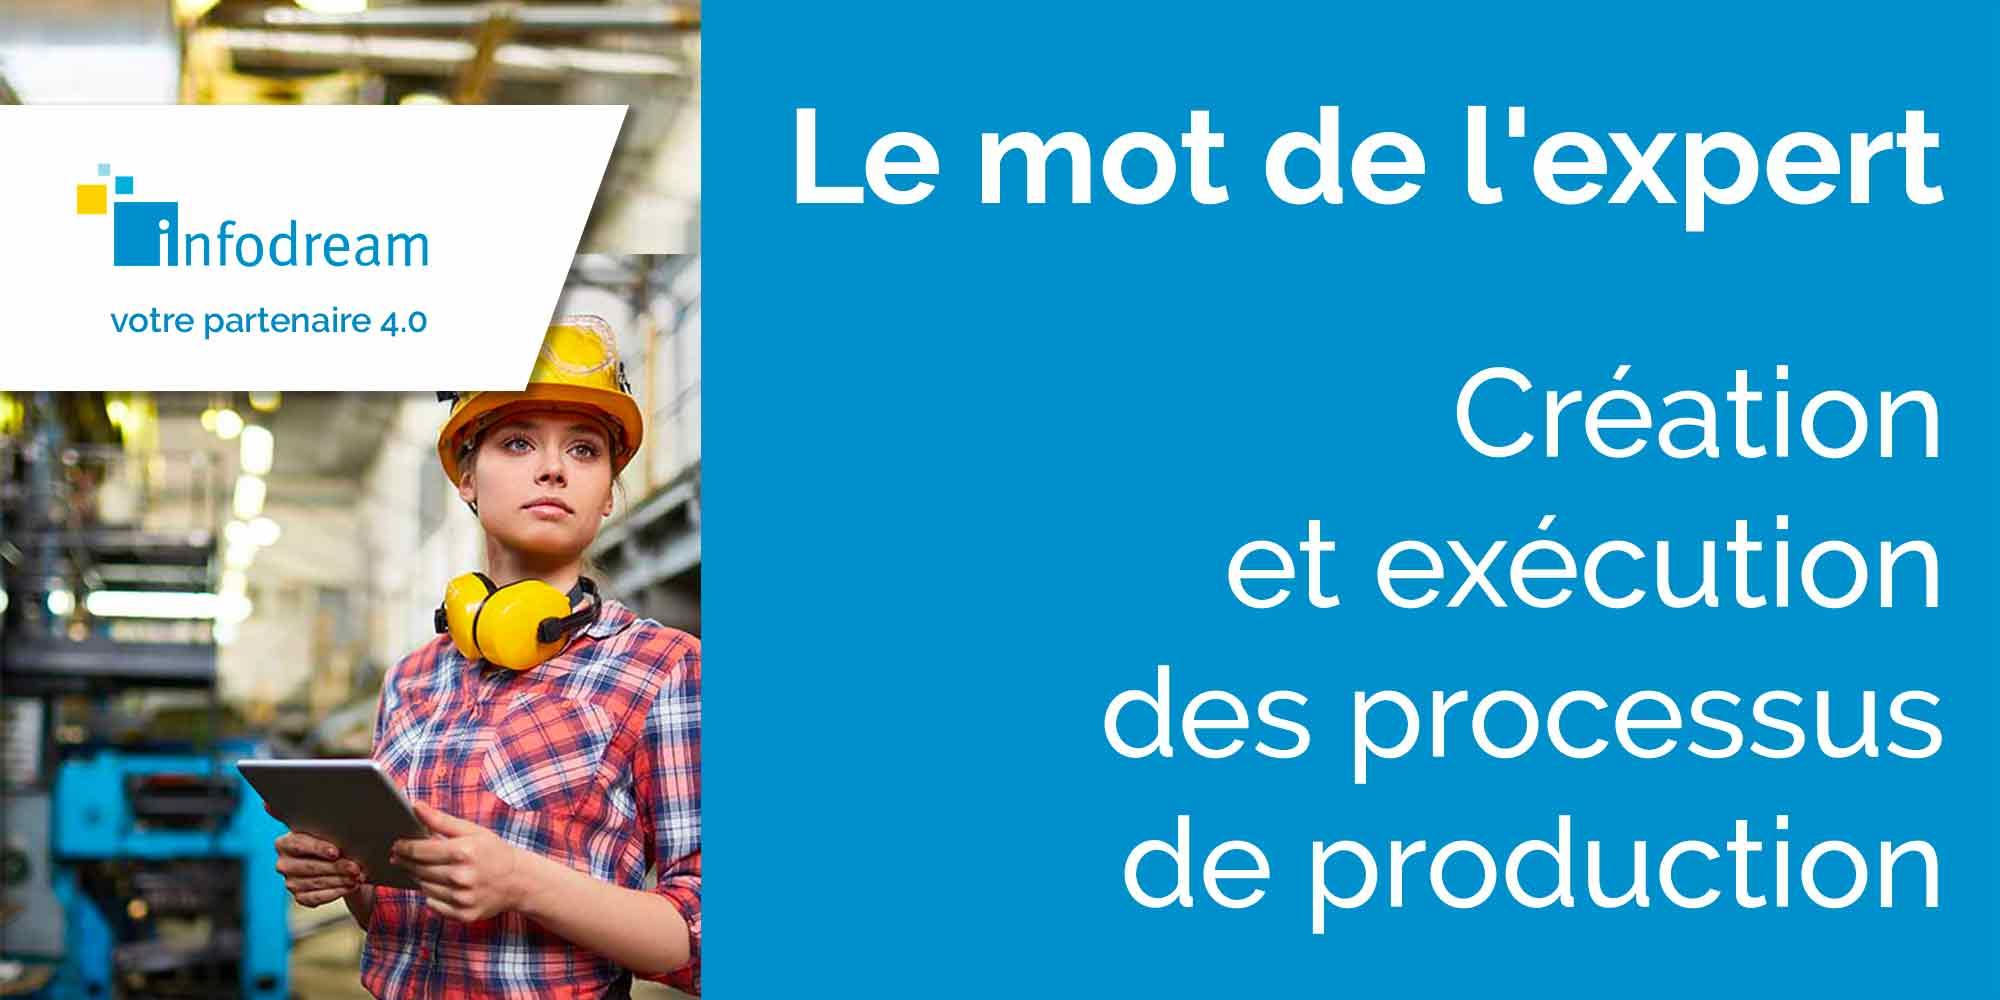 Création Et Exécution Des Processus De Production Dans L'atelier De Fabrication